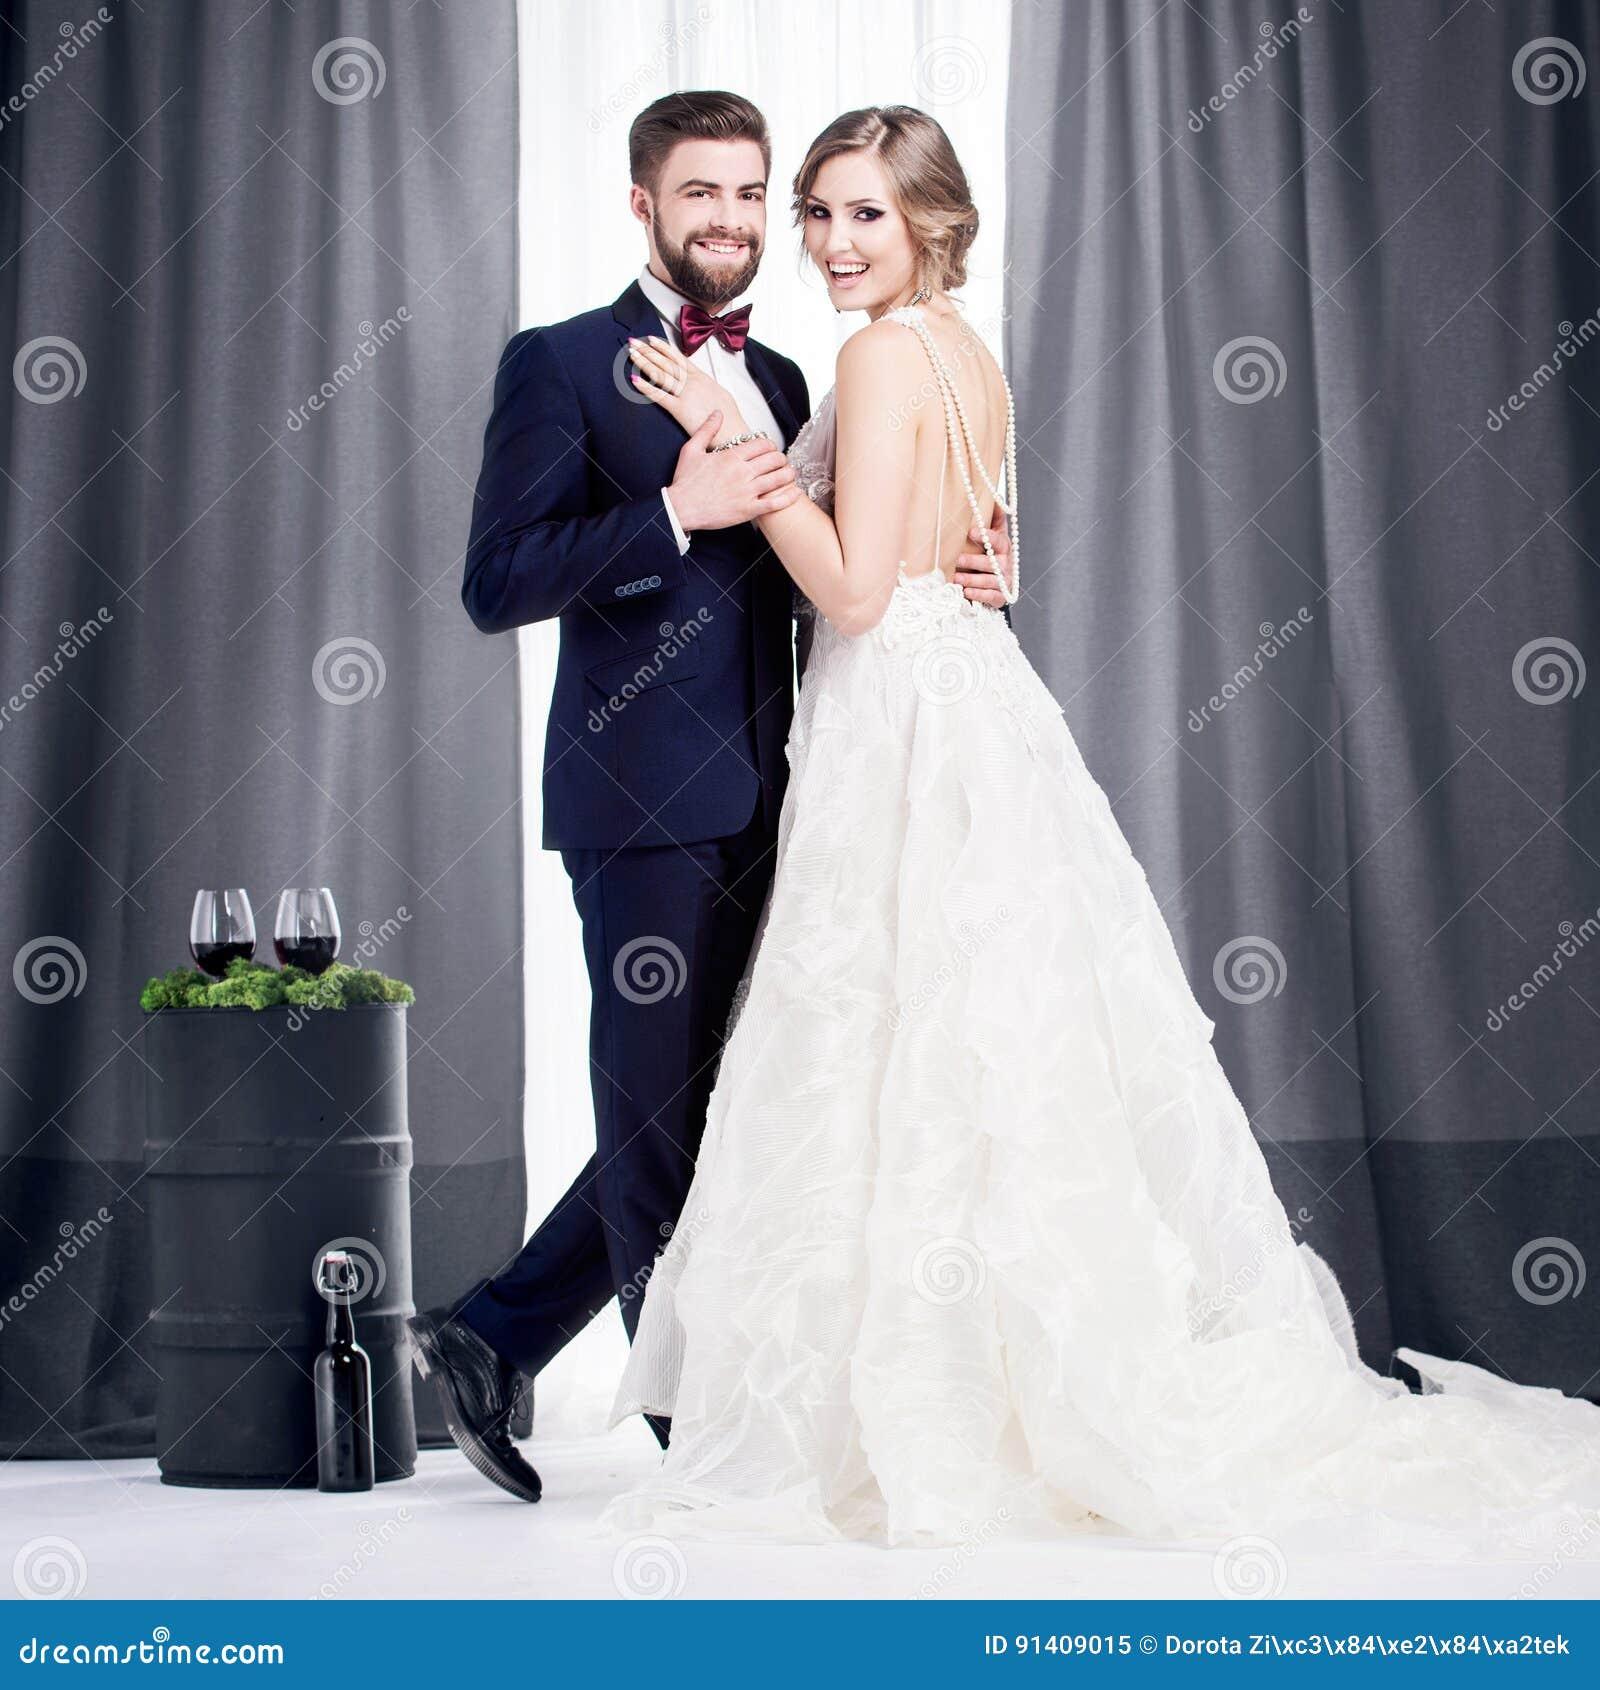 Nygifta personer i en bröllopsklänning och en dräkt